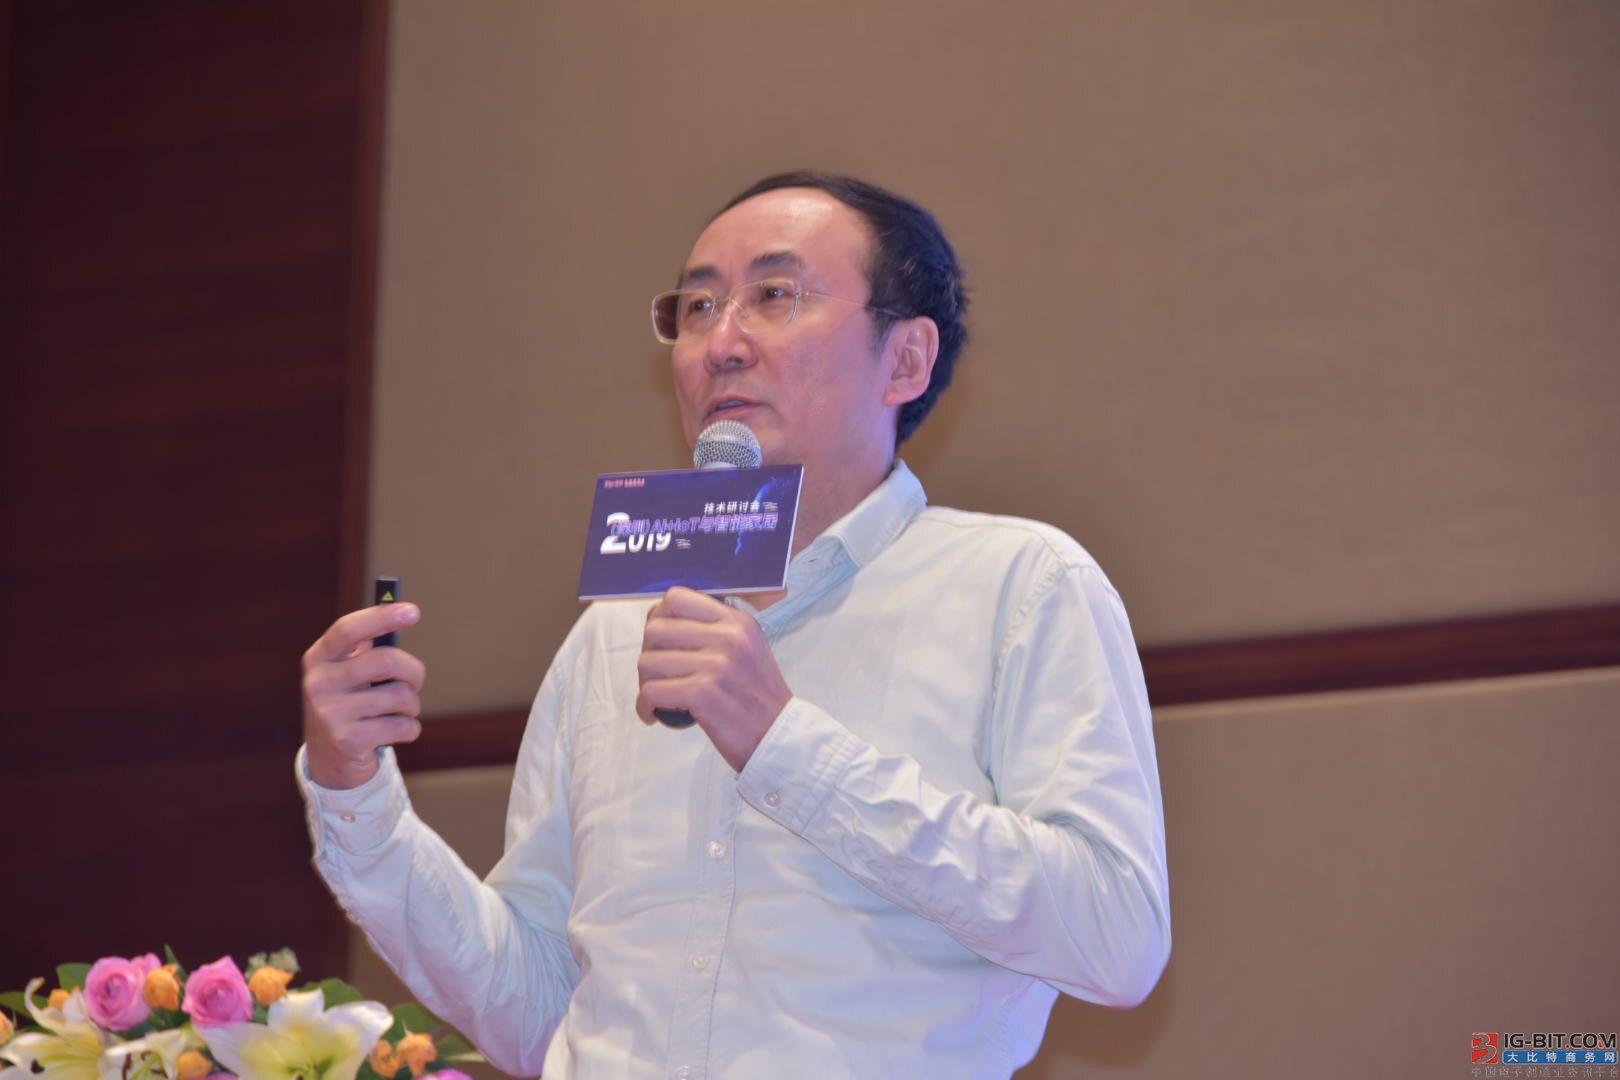 医疗发展供需失衡,清华教授携AI+云平台助力分级诊疗